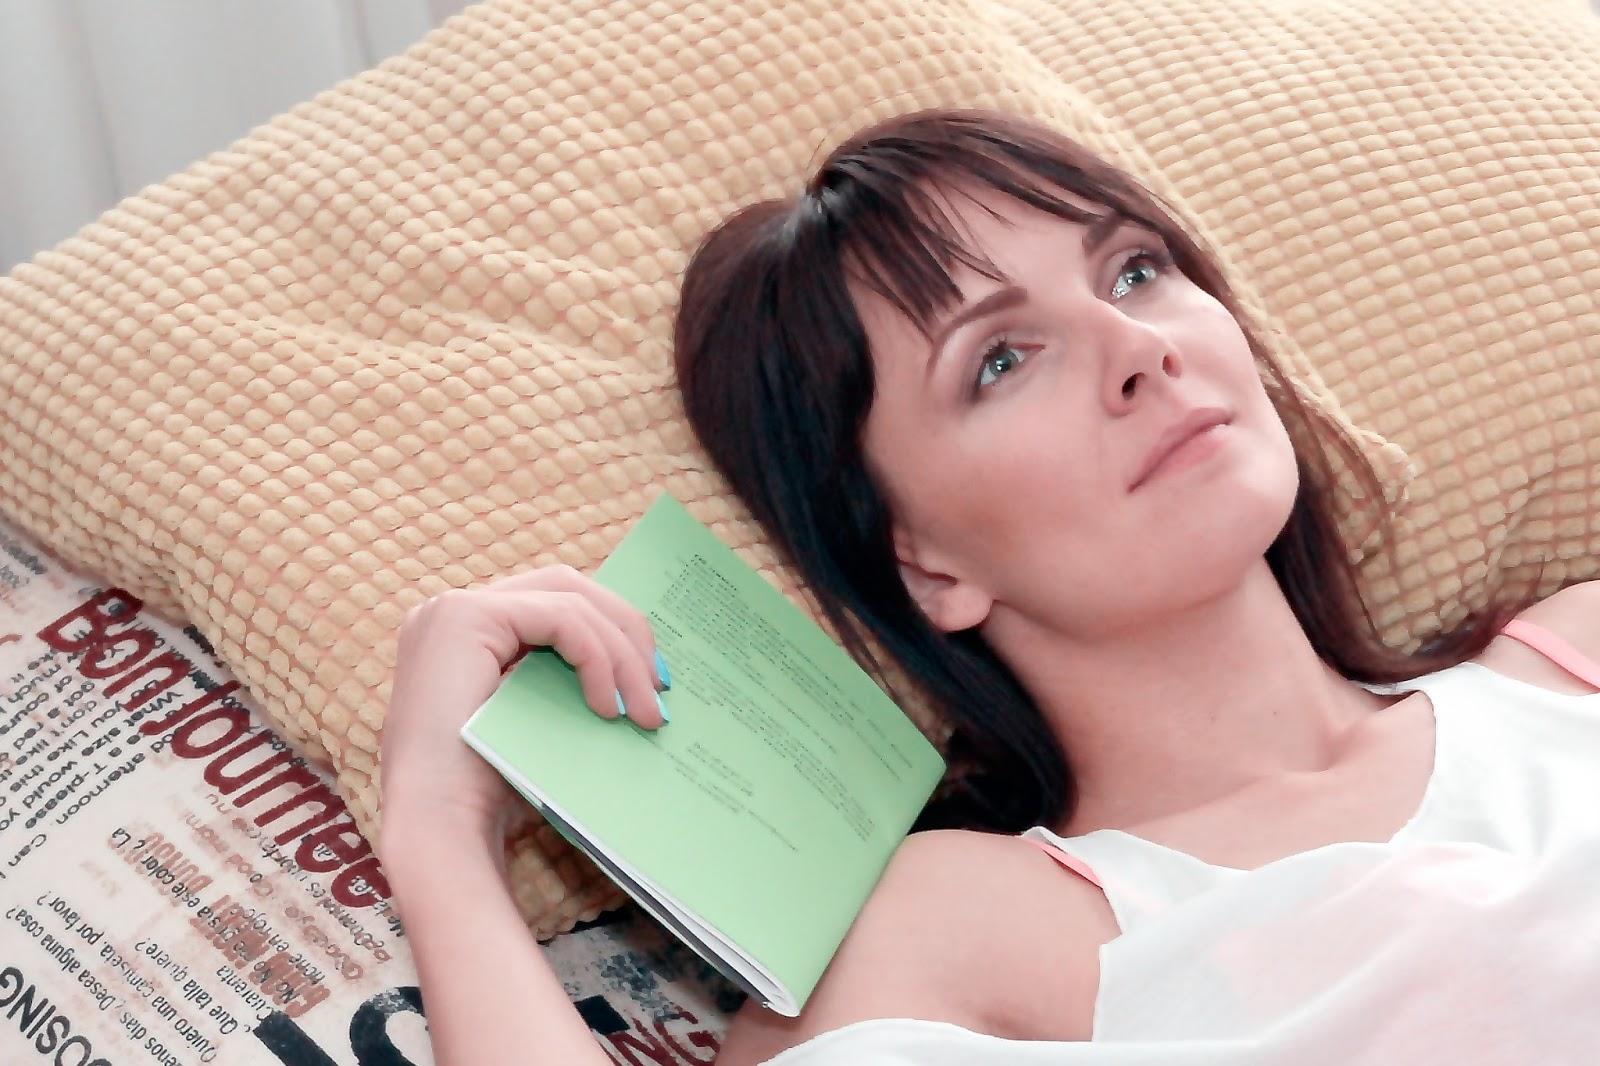 Йога здоровья. Приятное йога-пробуждение после сна. Автор actress Nataly Tsvetkova, writer. Со-автор Producer Niclav S.